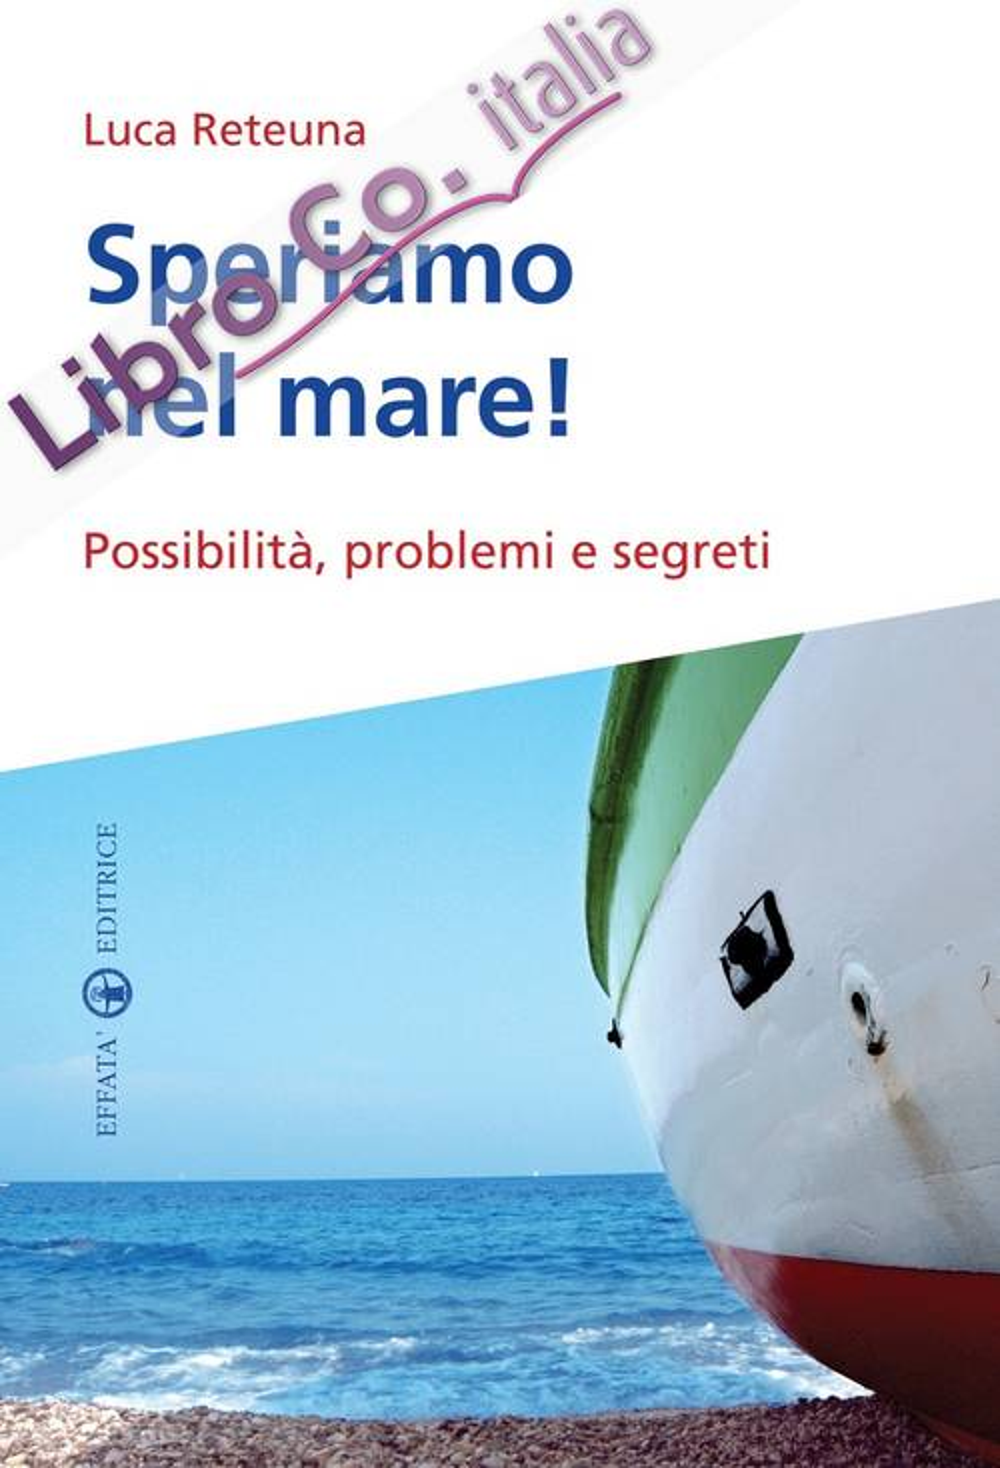 Speriamo nel mare! Possibilità, problemi e segreti